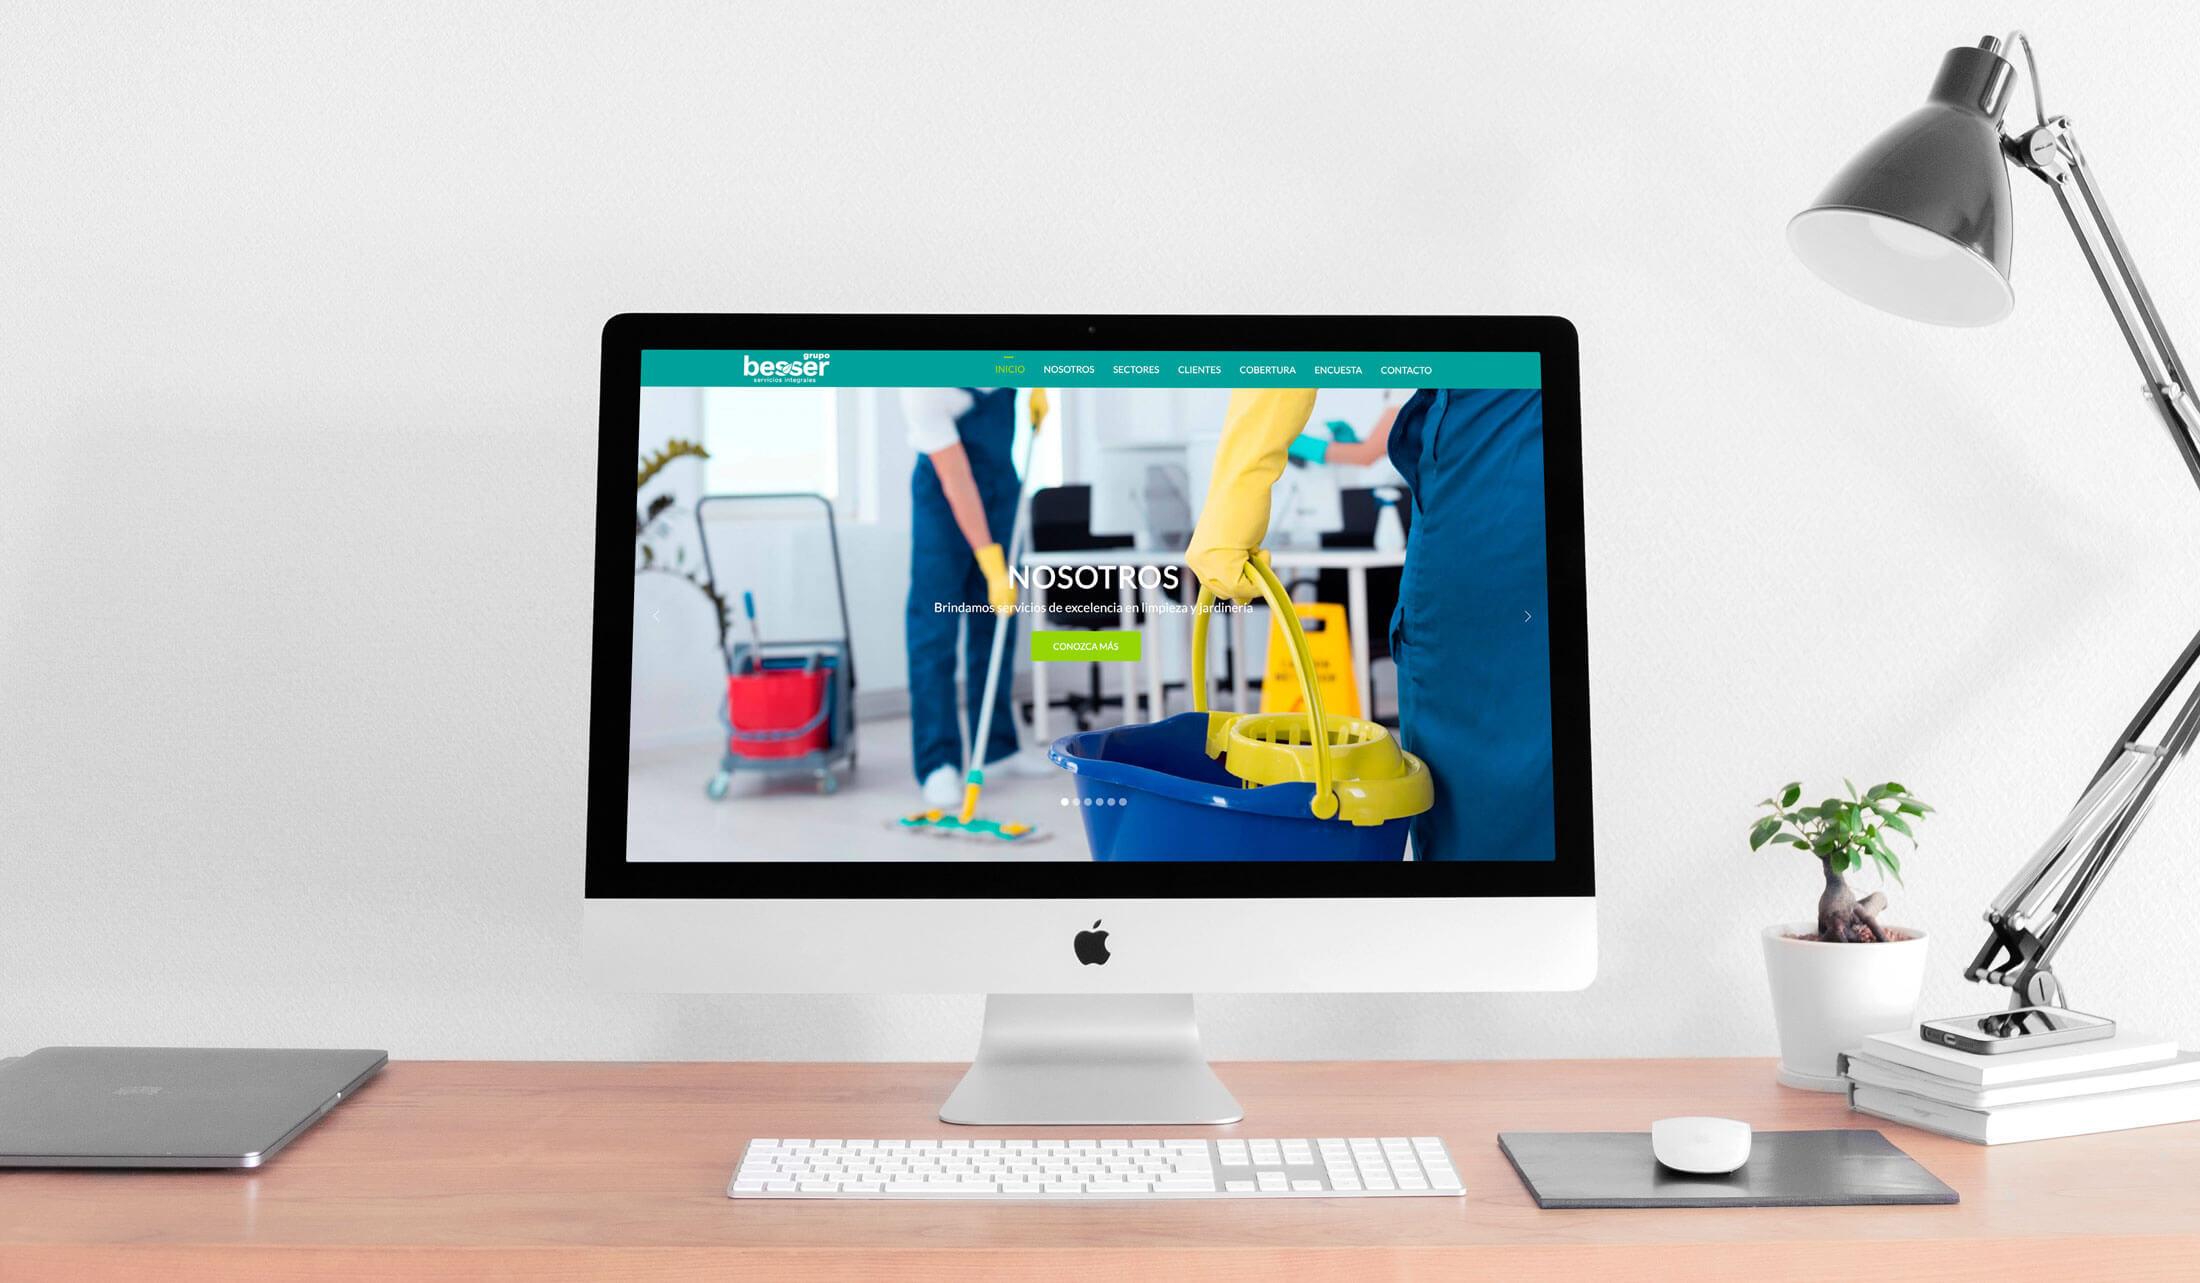 Diseño de Página Web Servicios Limpieza Besser - Lilian Feres